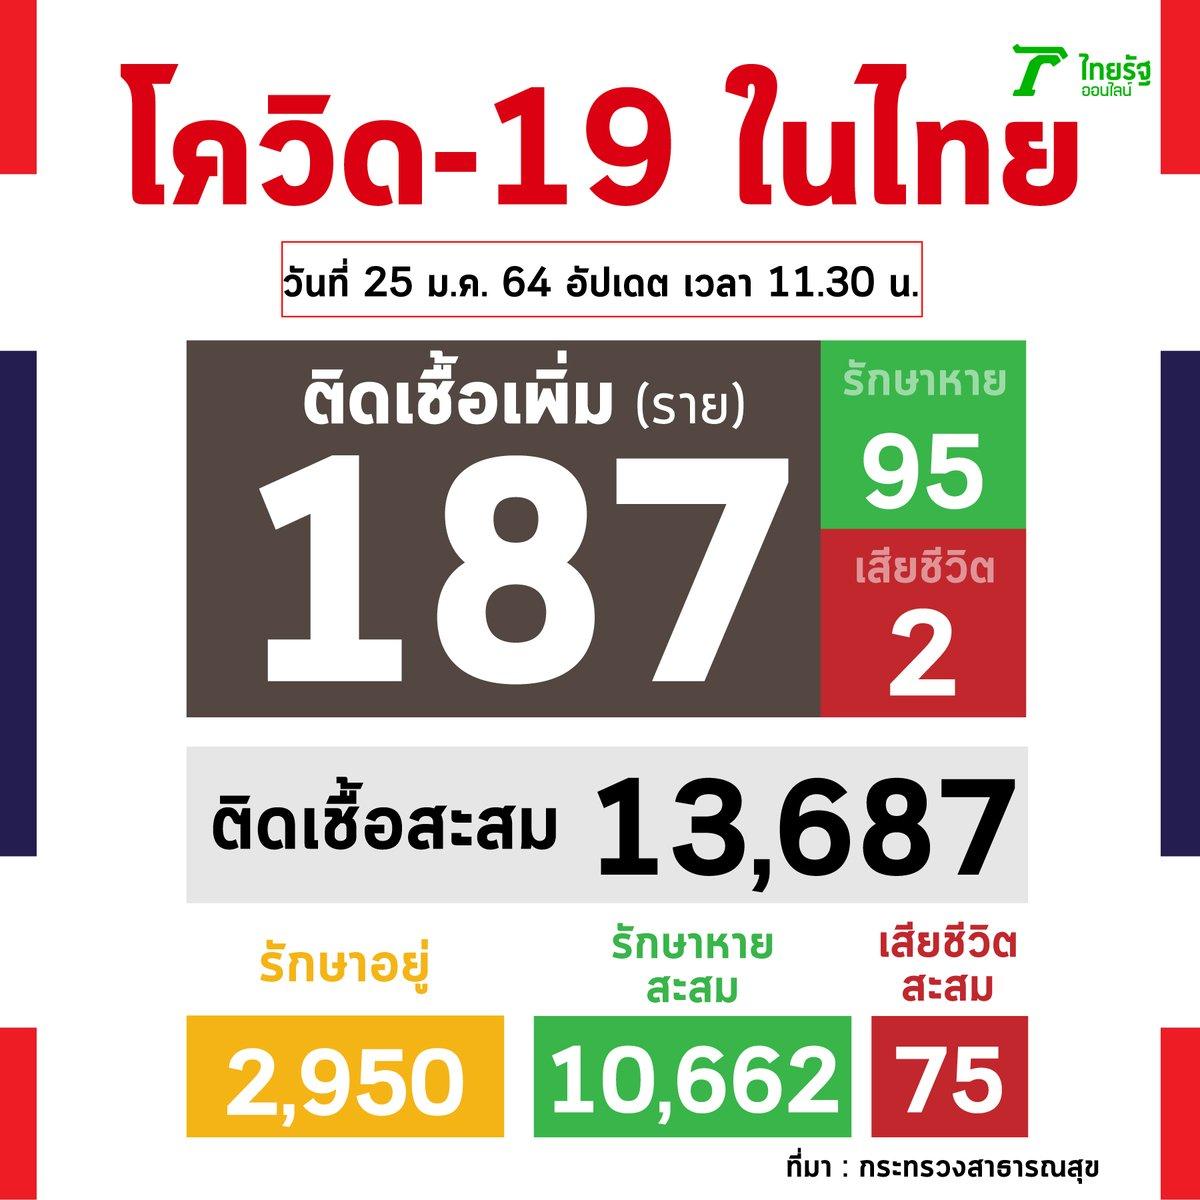 ไทยพบผู้ป่วย 187 ราย และมีเสียชีวิตเพิ่ม 2 ศพ  ▪ จากระบบเฝ้าระวัง และระบบบริการ 61 ราย ▪ ค้นหาผู้ป่วยเชิงรุกในชุมชน 116 ราย ▪ จากต่างประเทศ และเข้า State Quarantine 10 ราย  #โควิด19 #COVID19 #Thairath #ไทยรัฐออนไลน์